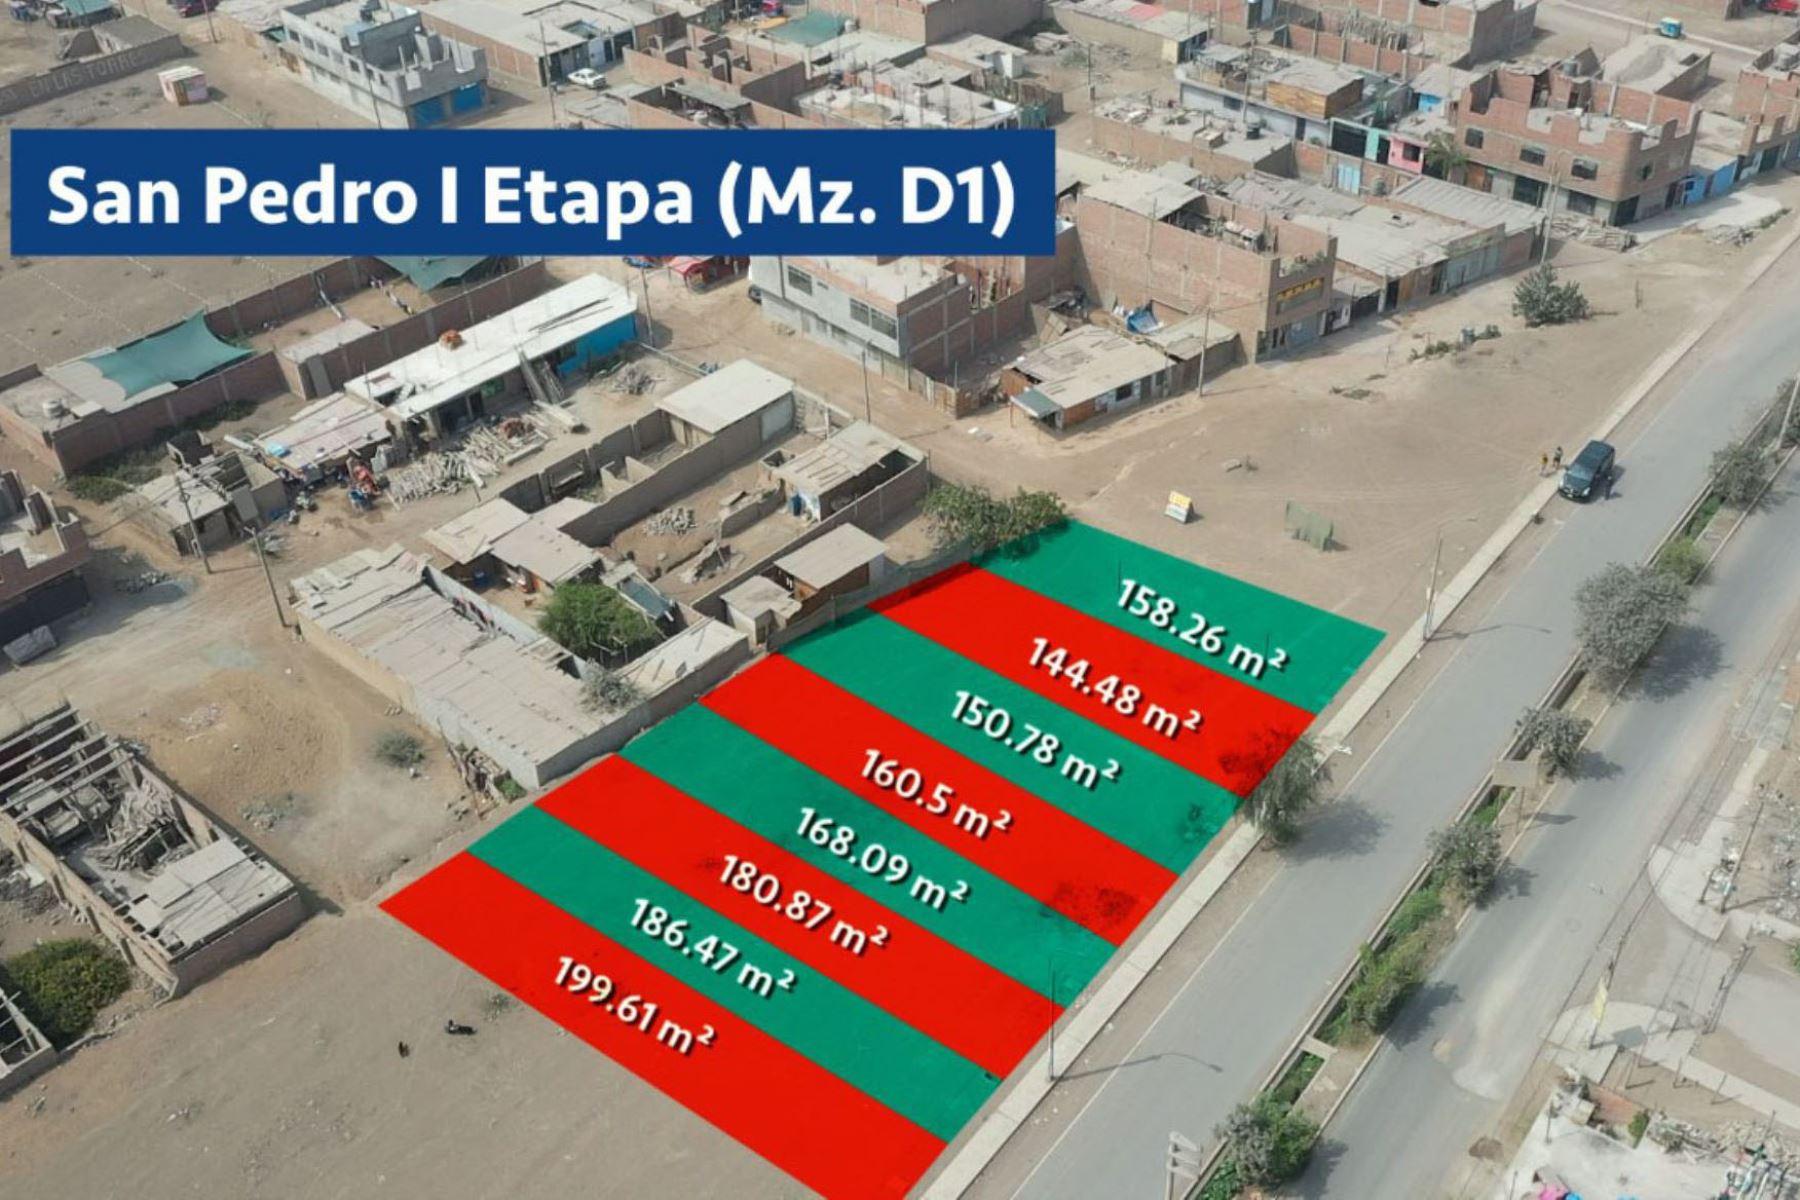 Todos los terrenos poseen zonificación de uso para vivienda o proyectos inmobiliarios. ANDINA/ Municipalidad de Lima